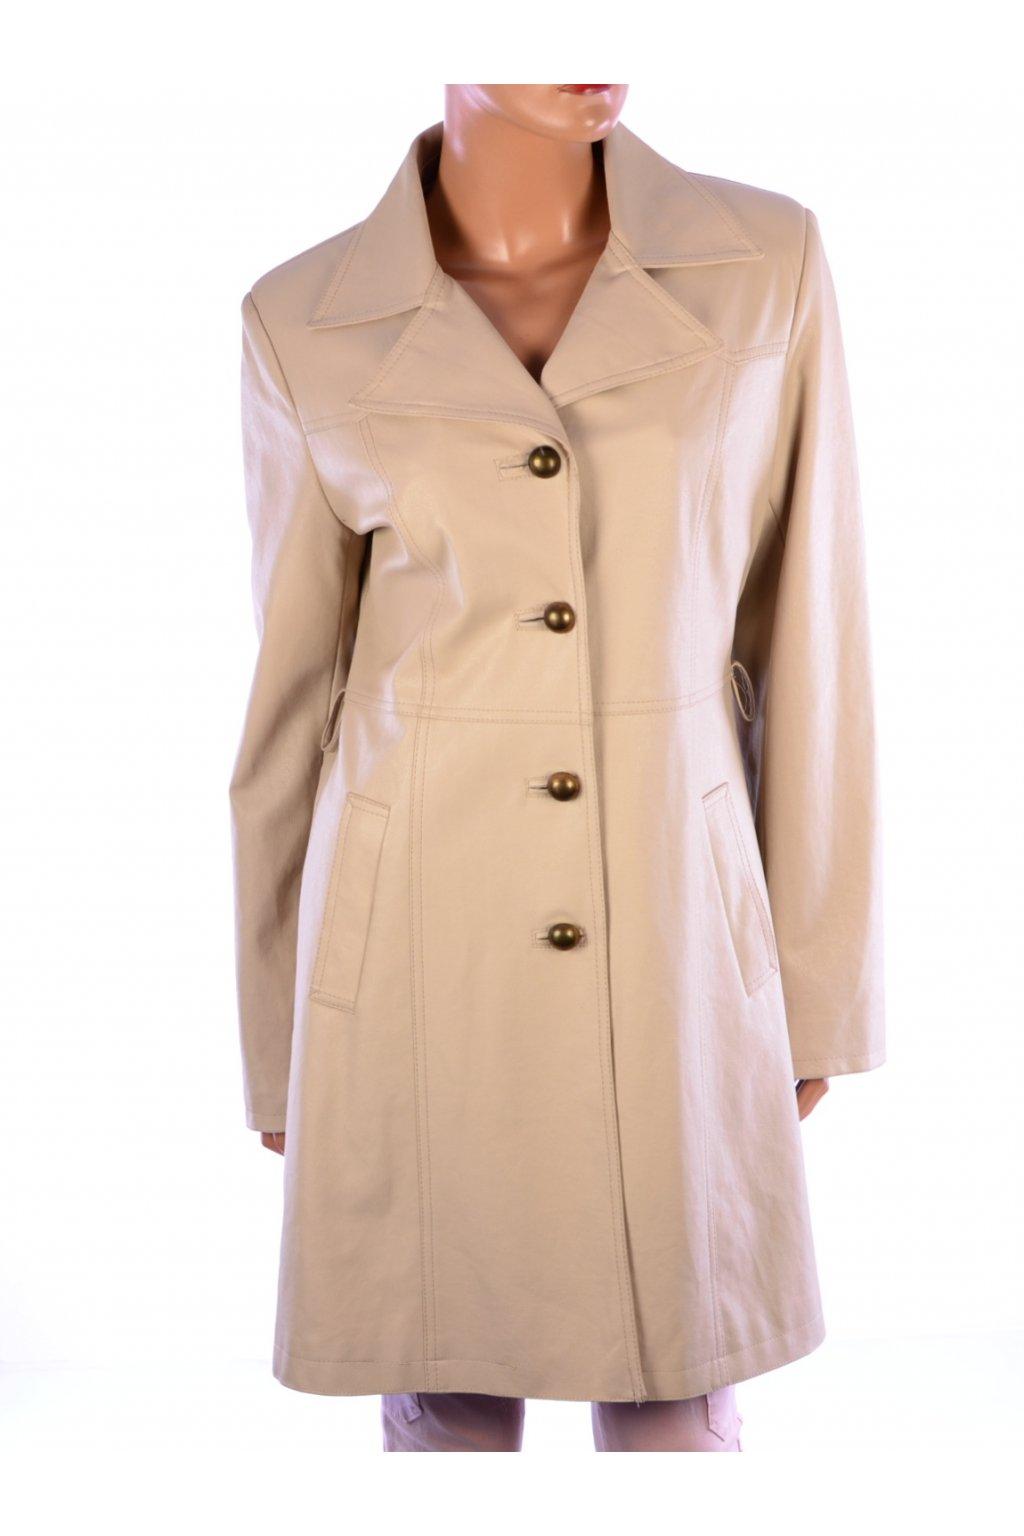 Kabát ze syntetické kůže béžový Relis vel. 38 / S - M